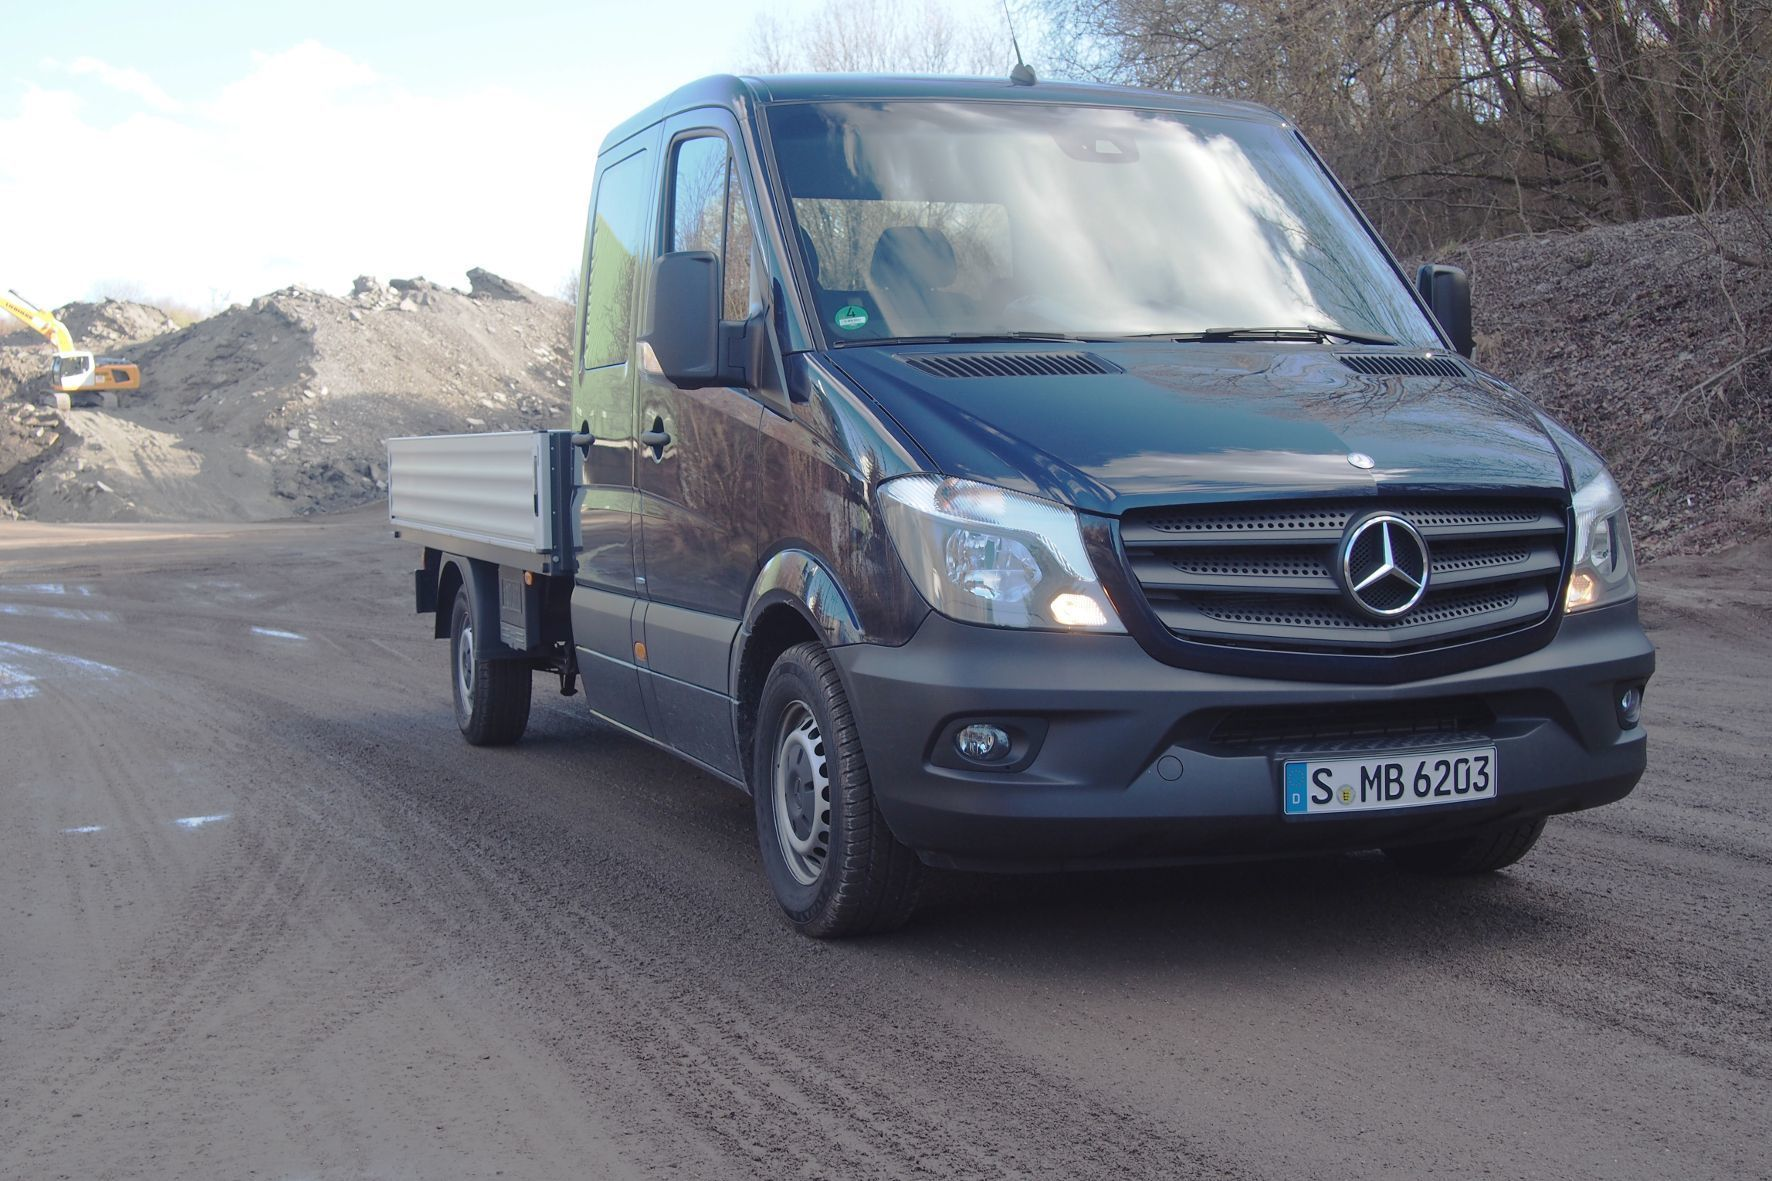 """mid Groß-Gerau - Multitalent für Bauhandwerker: Als """"Doka"""" bringt der Mercedes-Benz Sprinter Mannschaft und Material zur Baustelle."""